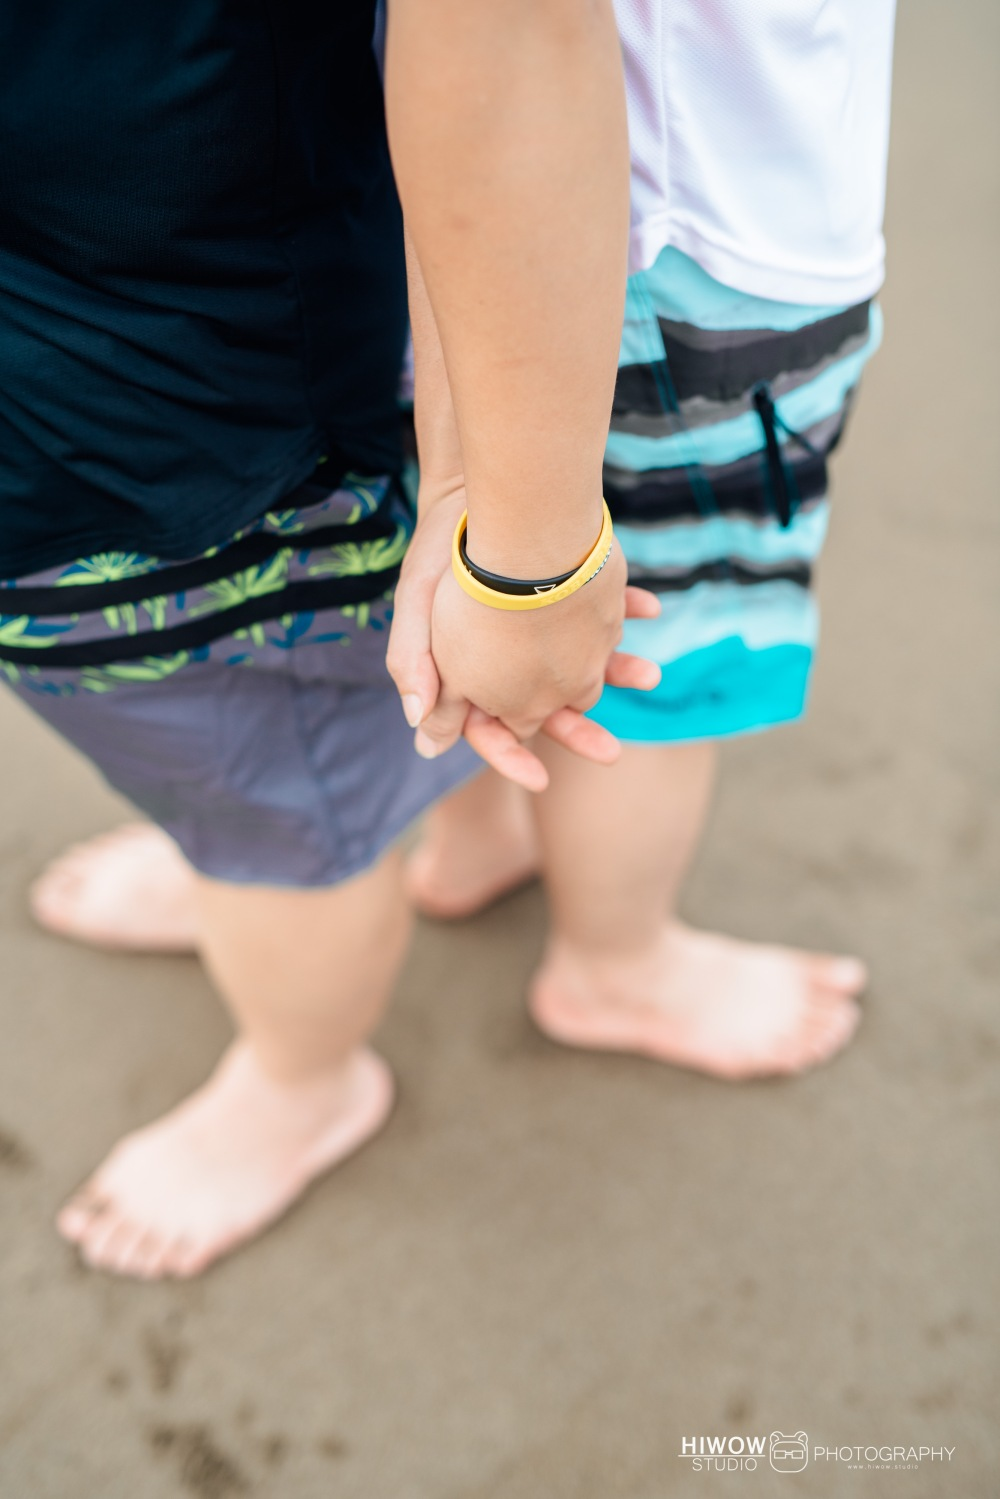 同志婚紗 海蛙攝影 hiwow.studio 情侶寫真 生活風 日常 海邊 淡水20